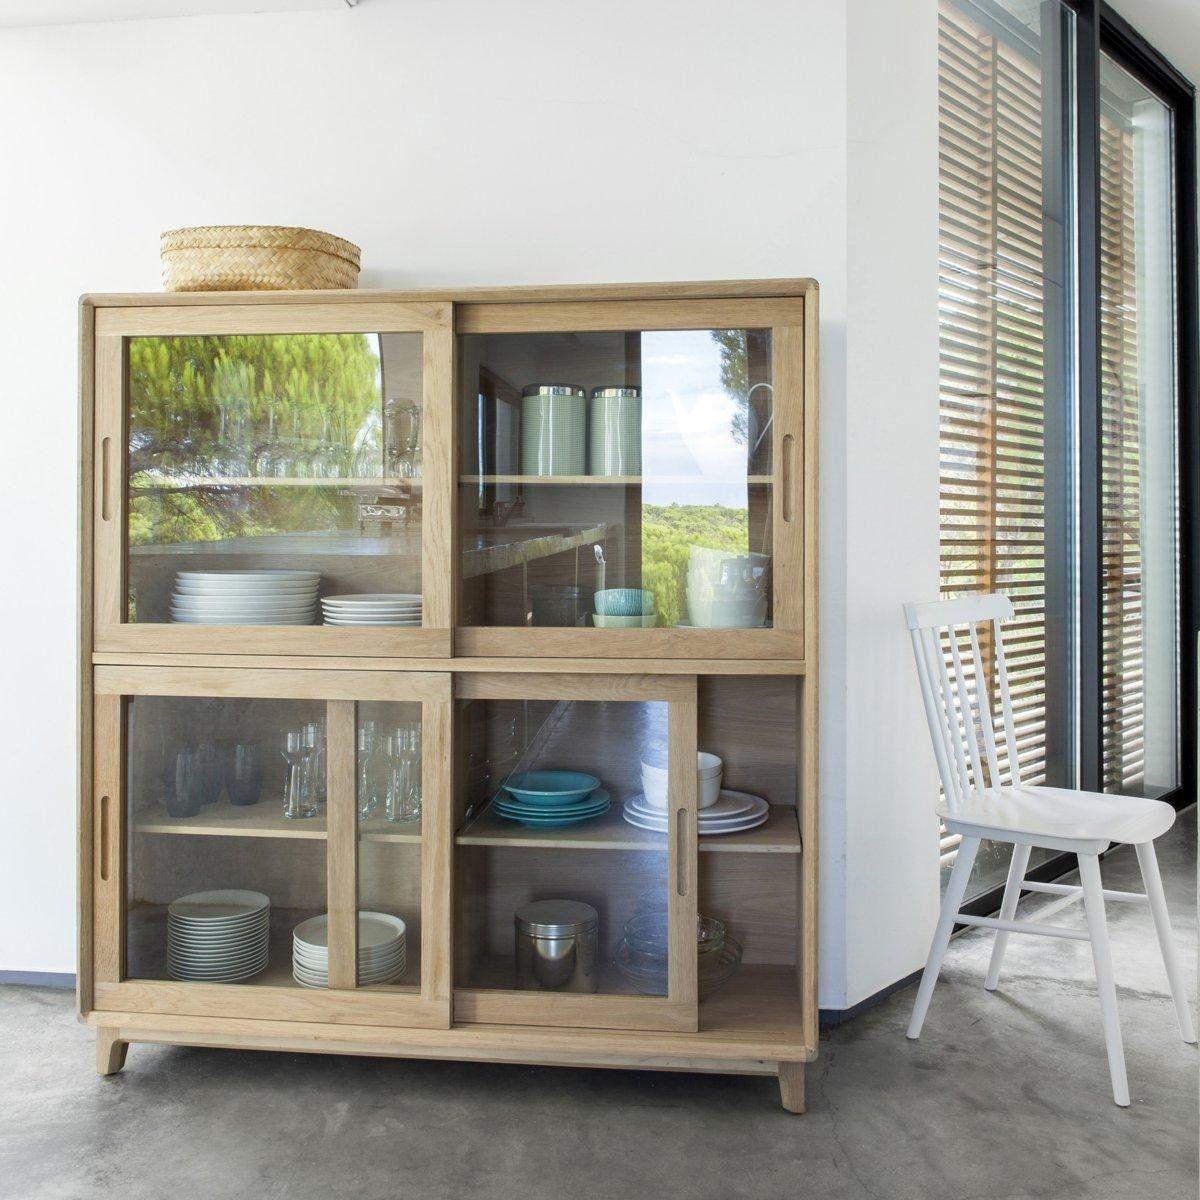 Buffet Jerk 4 Portes Vitrees Am Pm La Redoute Idees De Meubles Mobilier De Salon Deco Maison